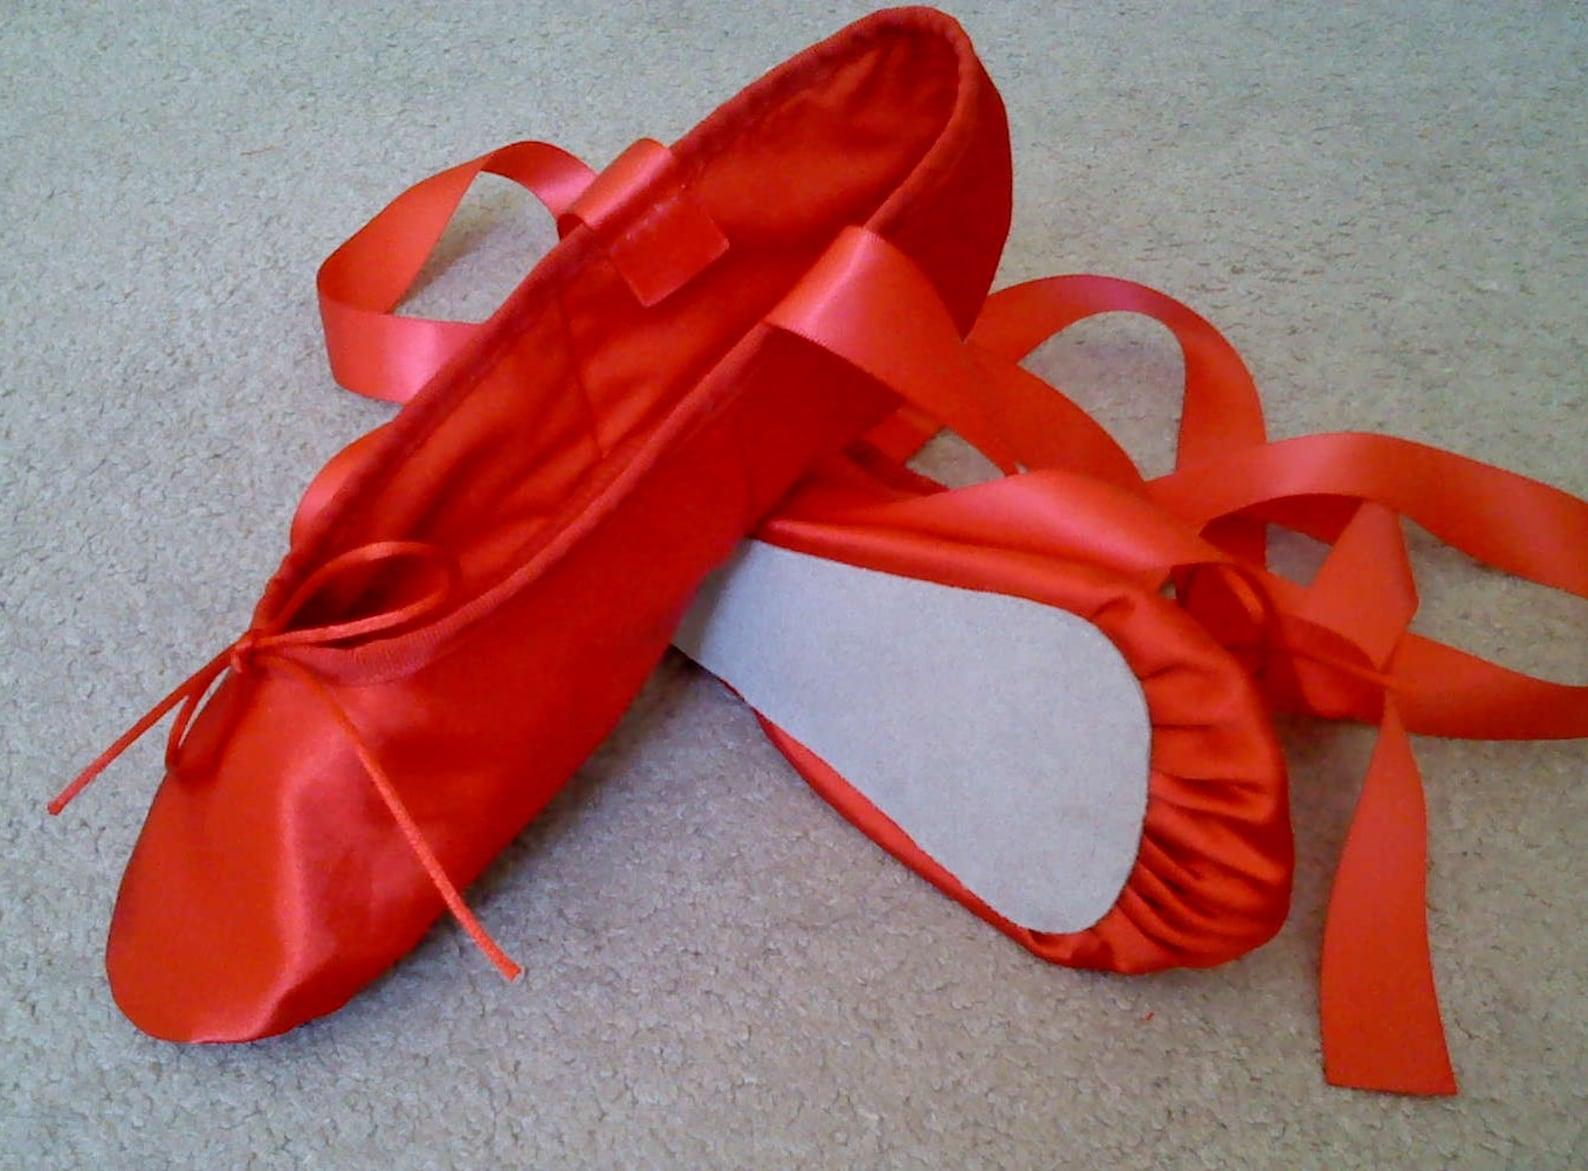 red satin ballet slippers - full soles or split soles